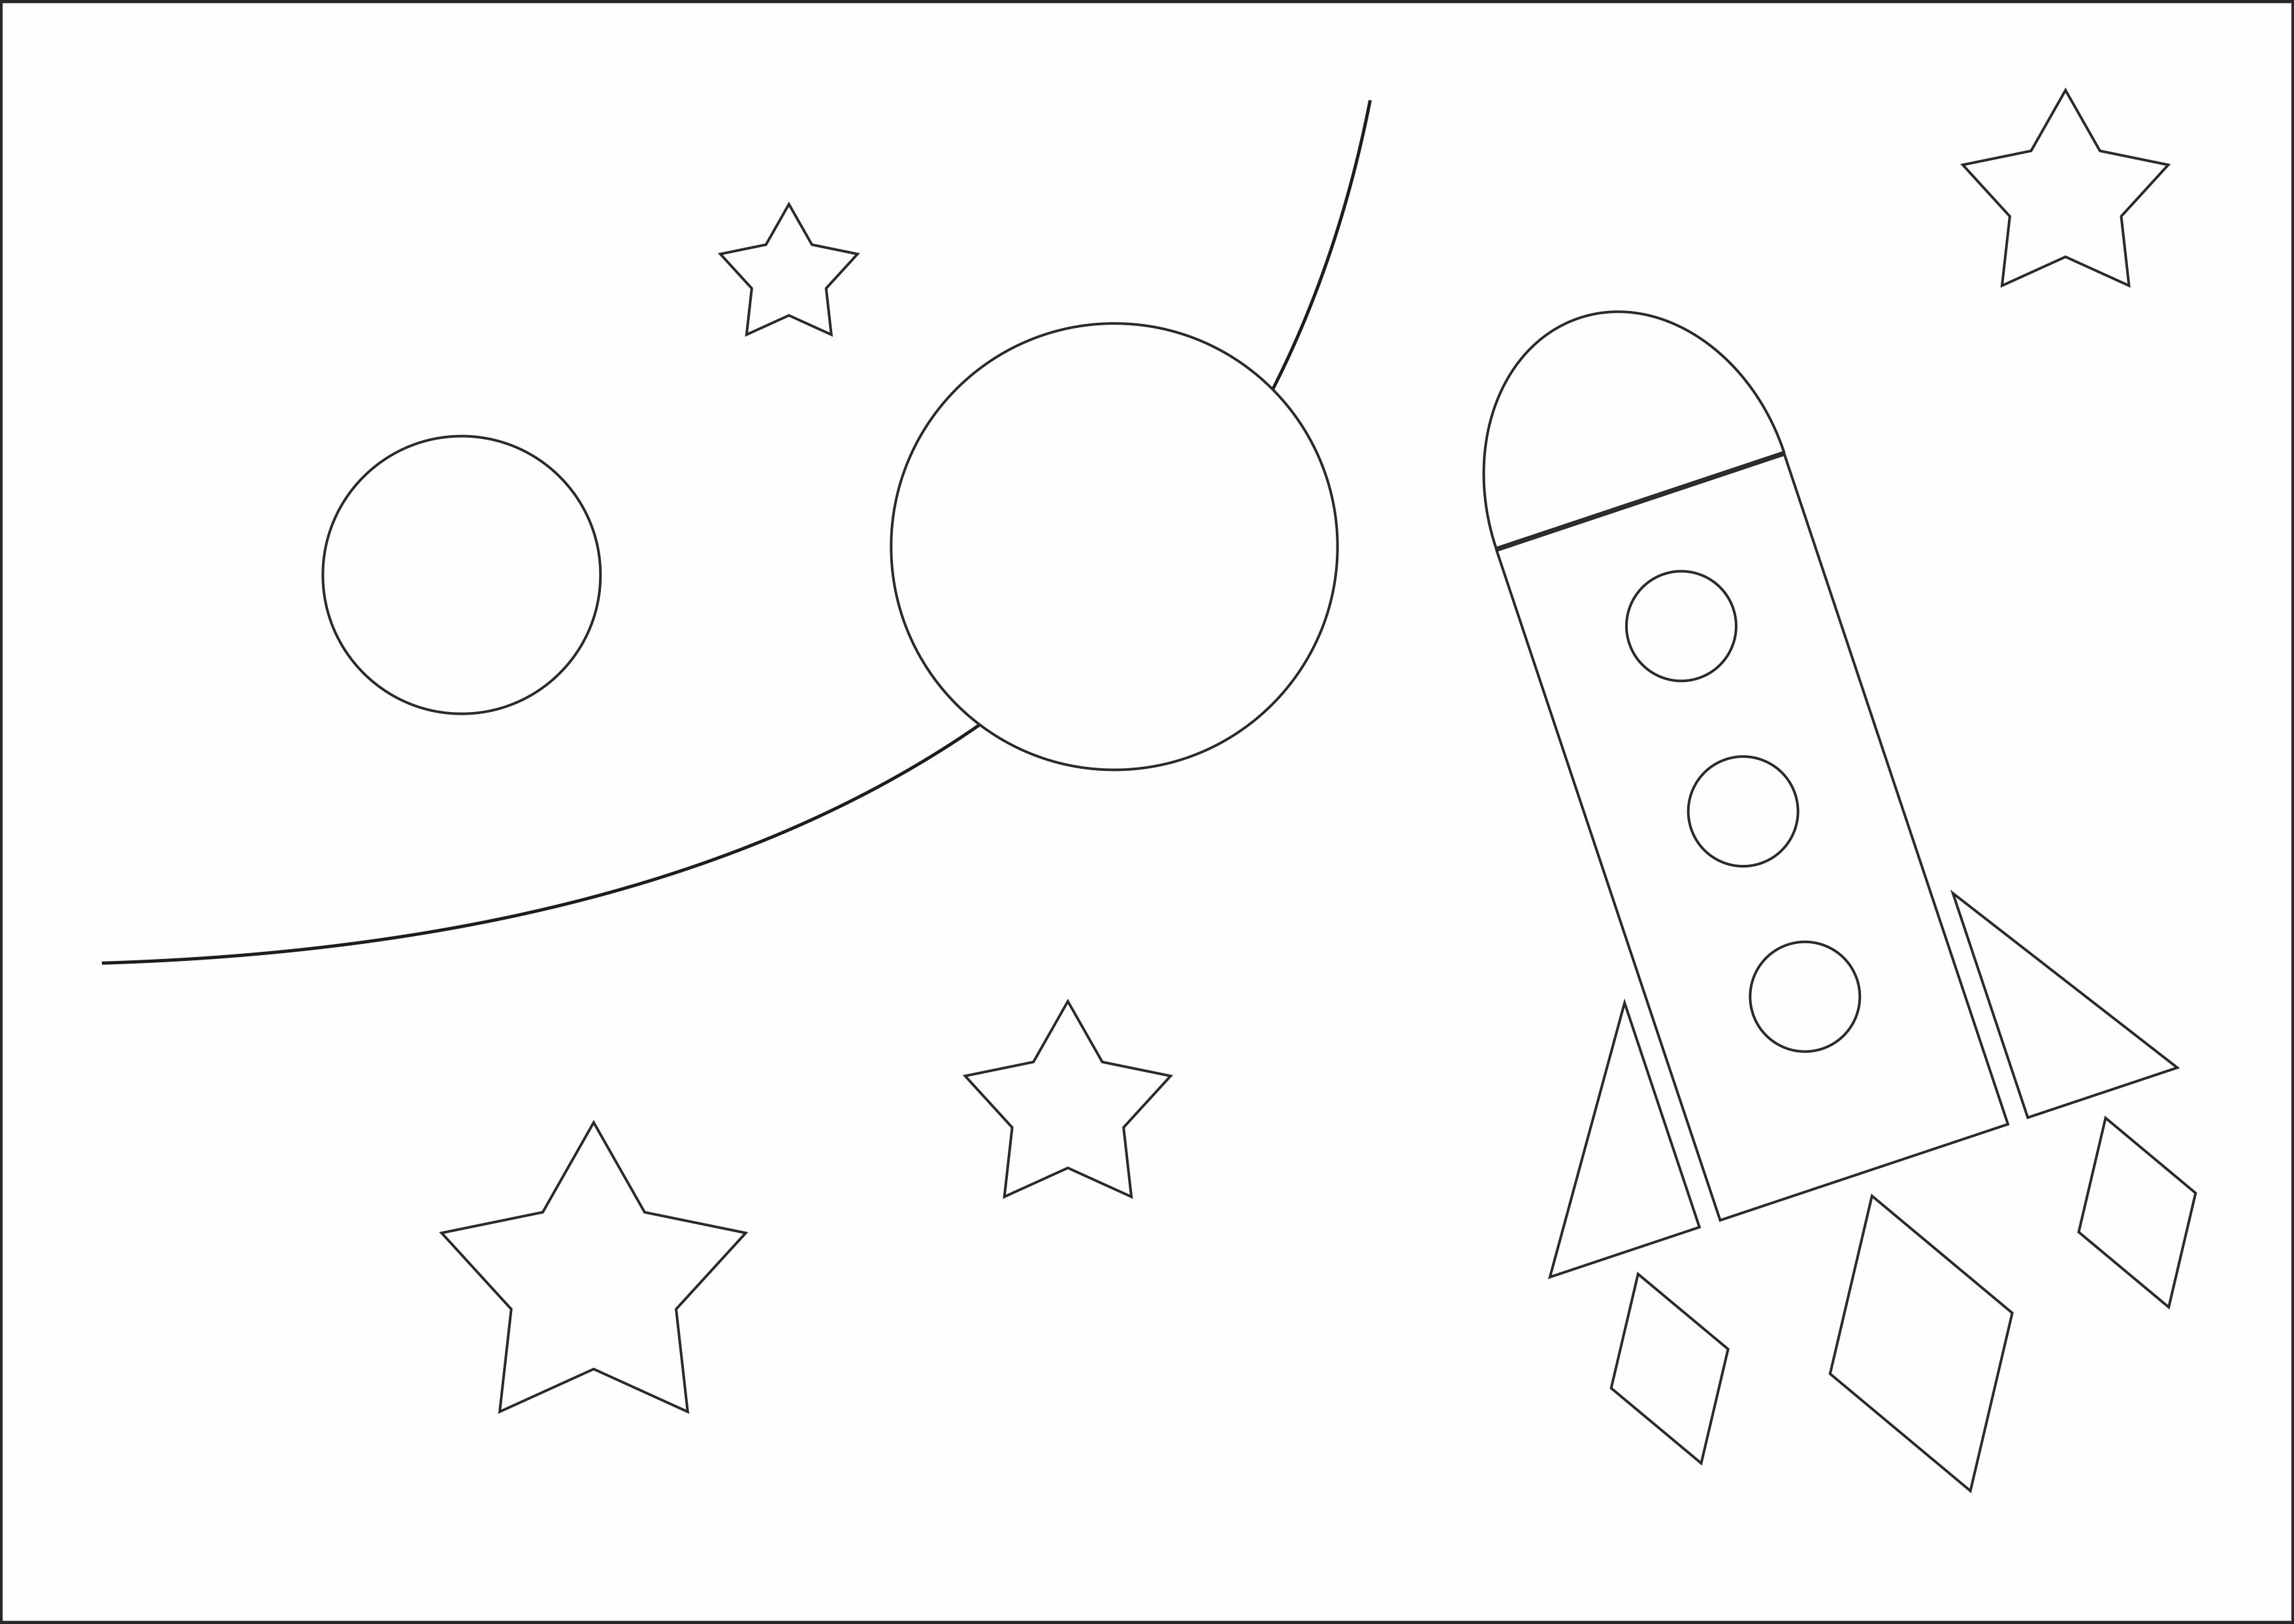 """Раскраска из геометрических фигур""""Космический полет"""""""